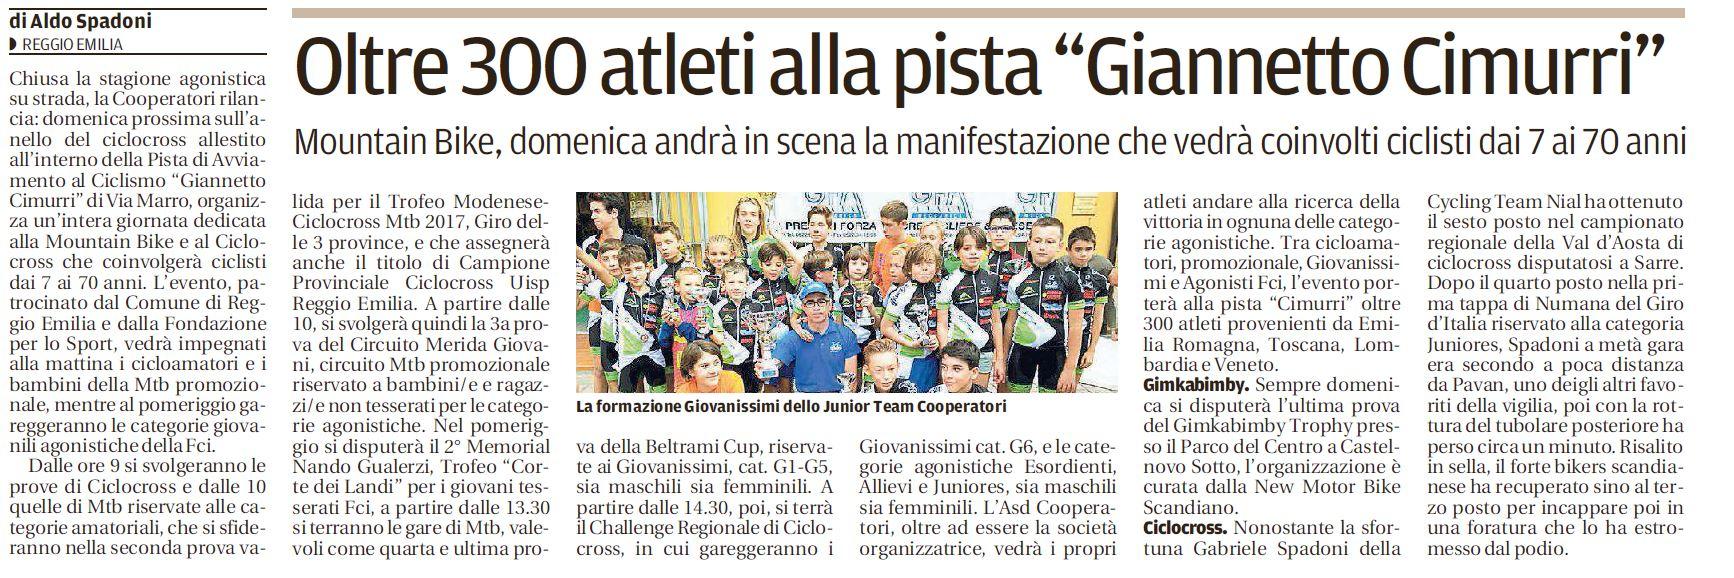 Gazzetta 12-10-2017